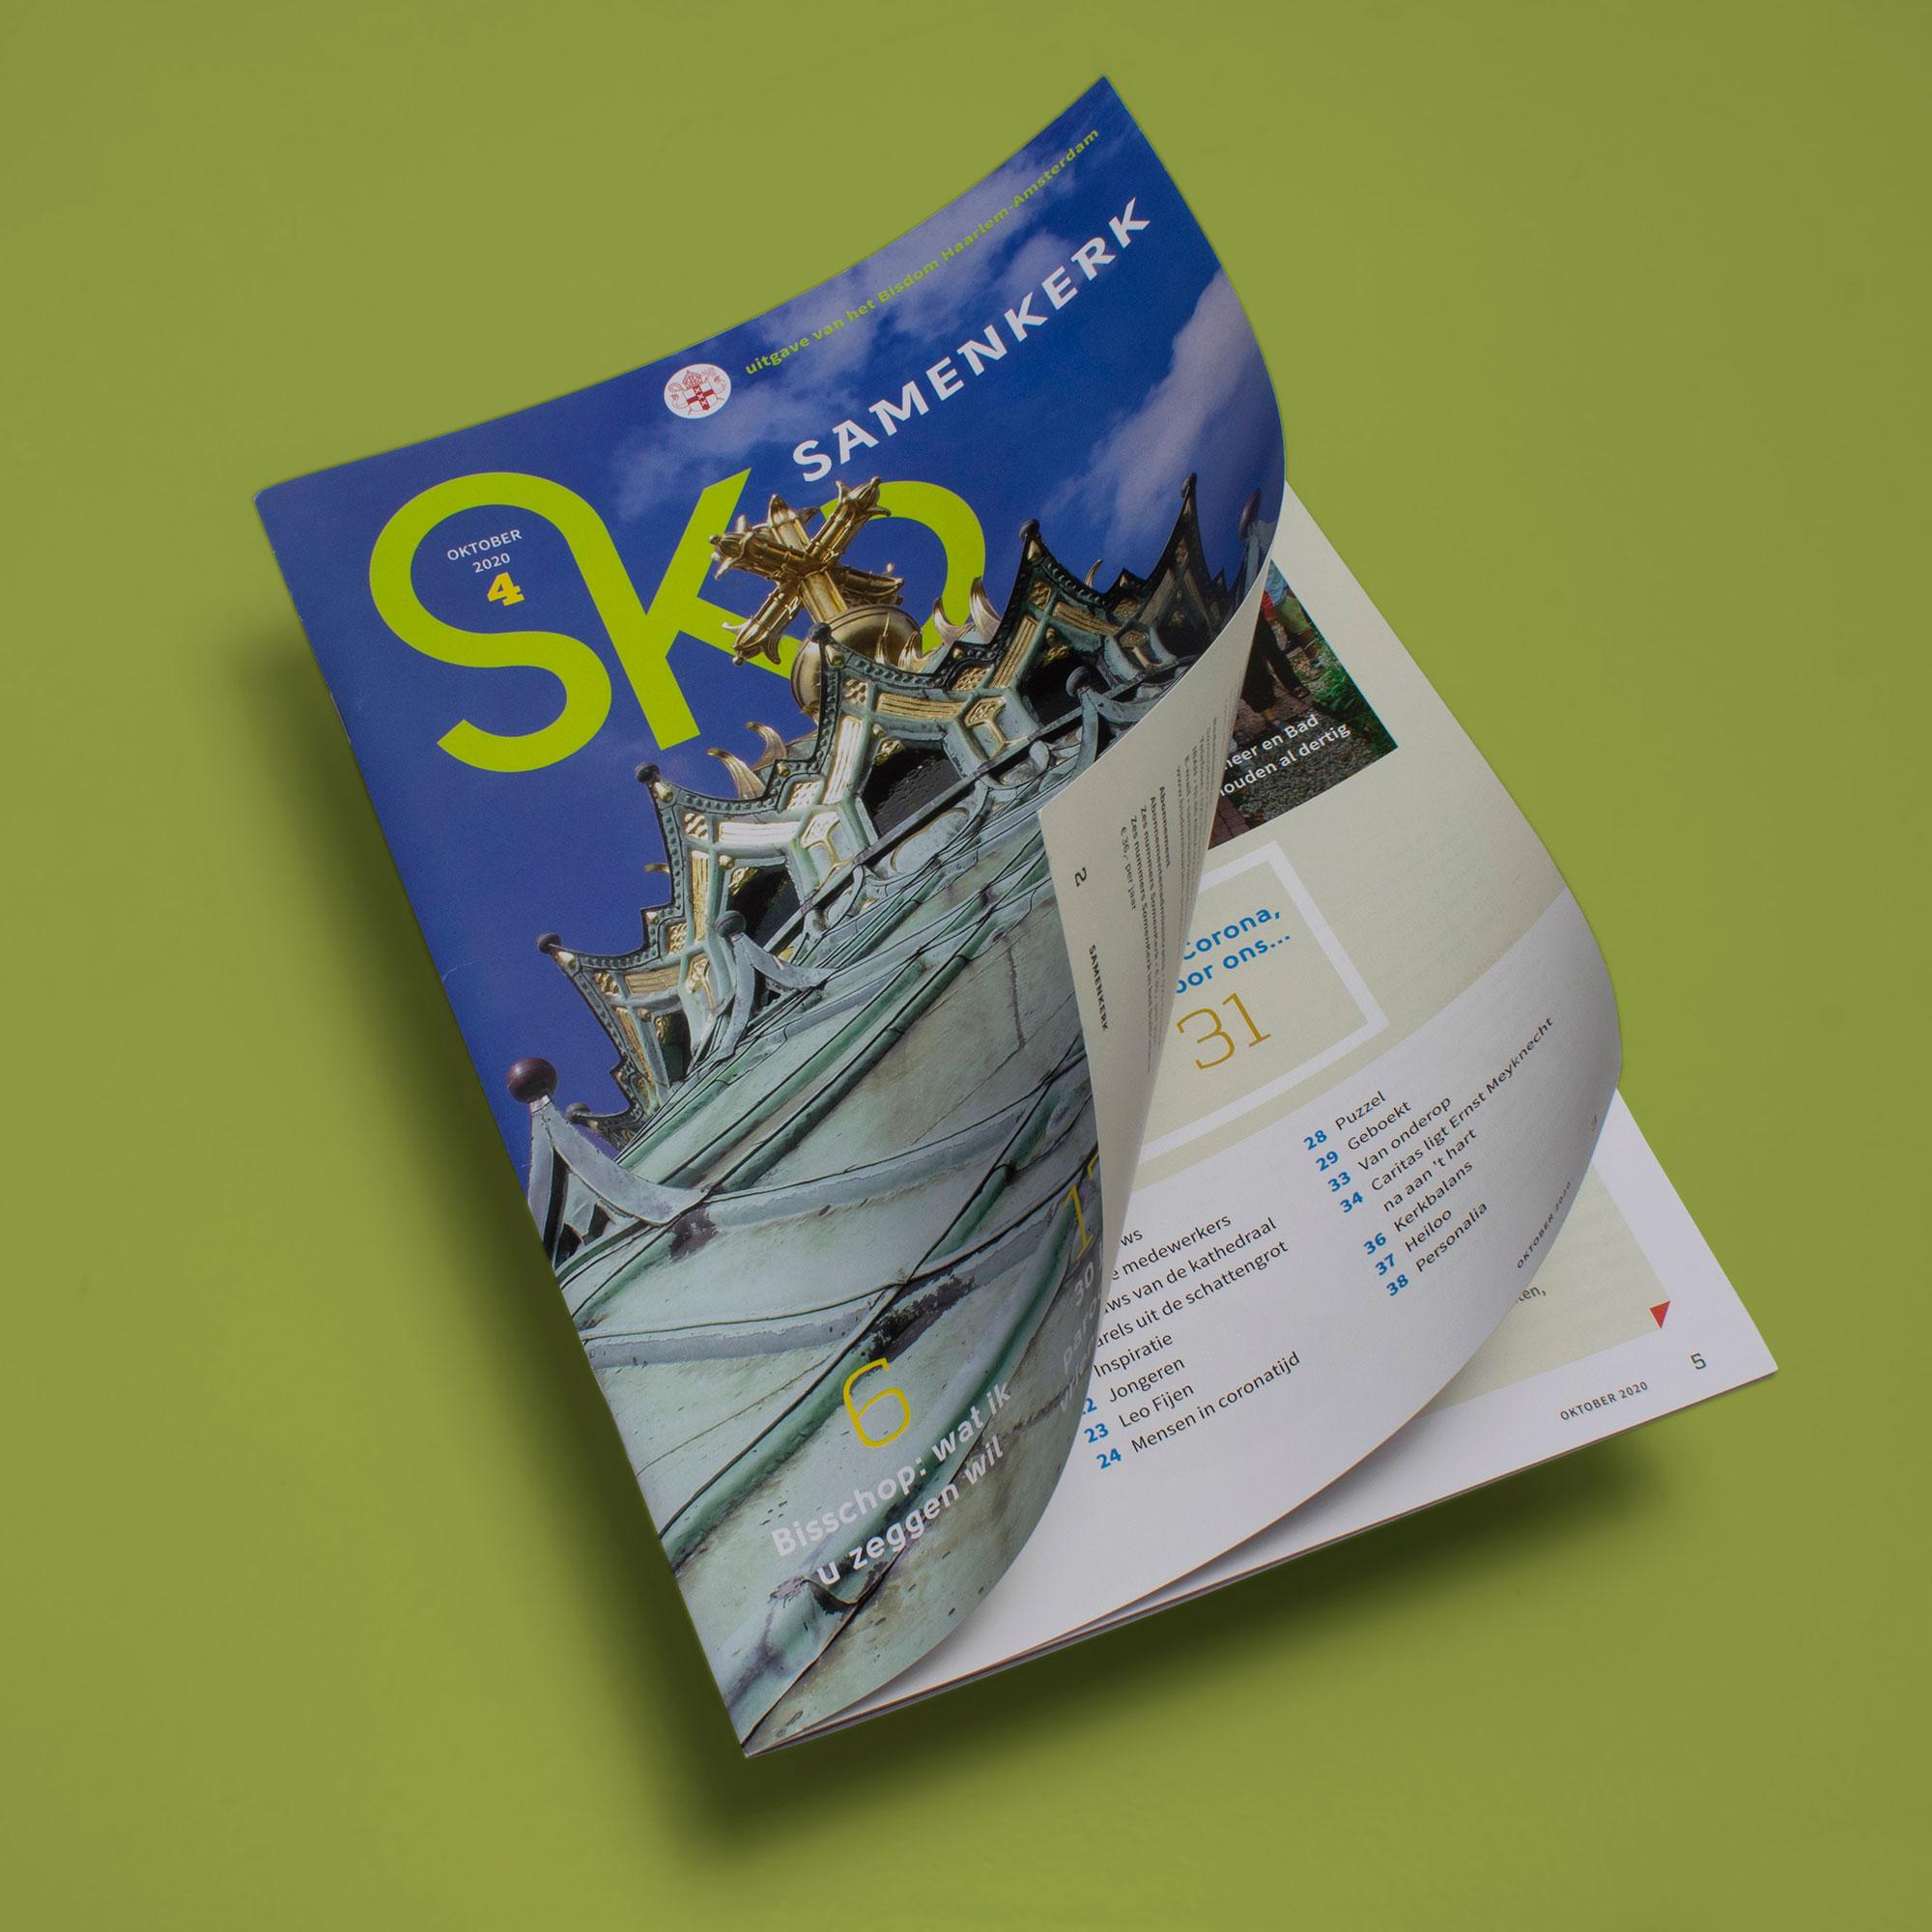 Impulsar-SamenKerk-Cover3